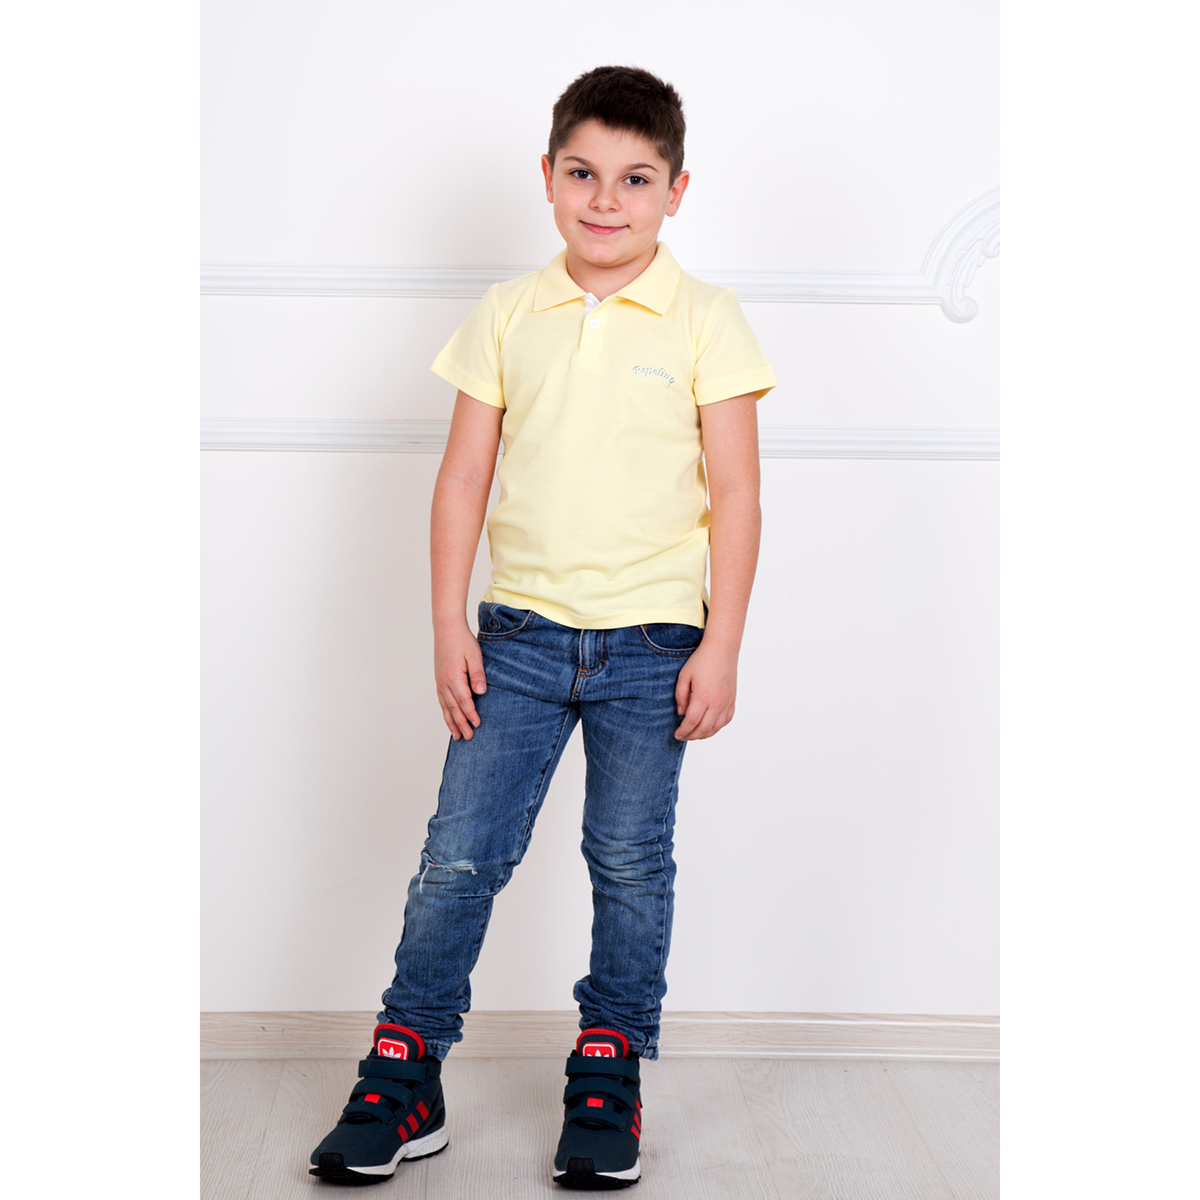 Детская футболка-поло Круиз, размер 6 летМайки и футболки<br><br><br>Тип: Дет. футболка<br>Размер: 6 лет<br>Материал: Пике